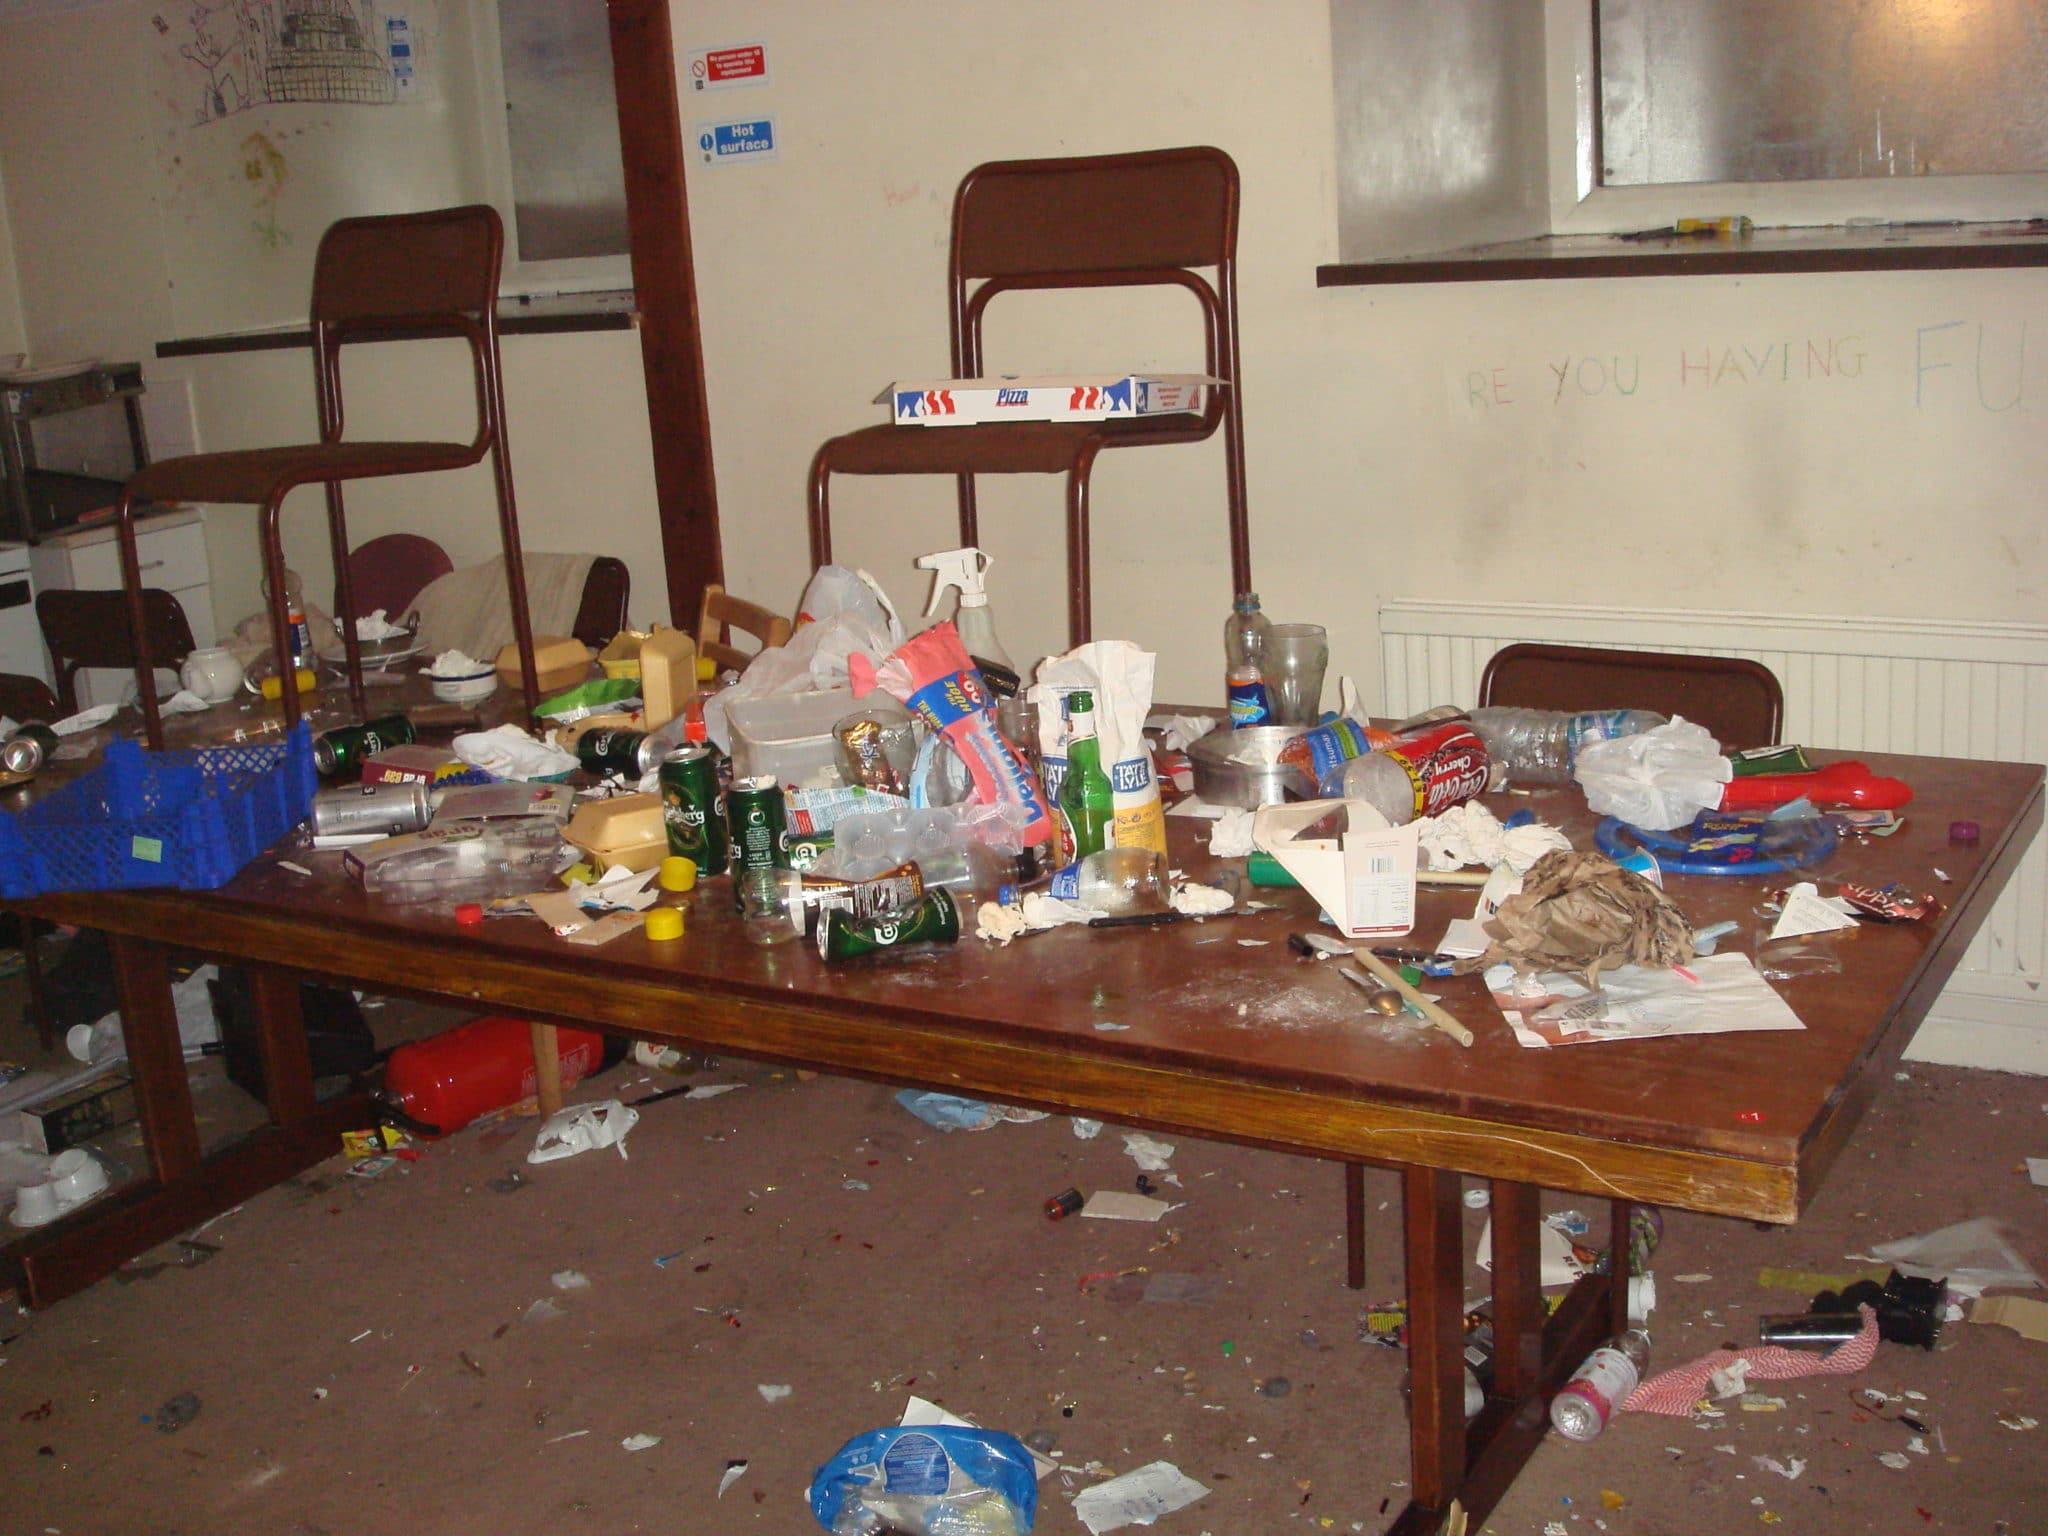 Attleborough Eviction 030